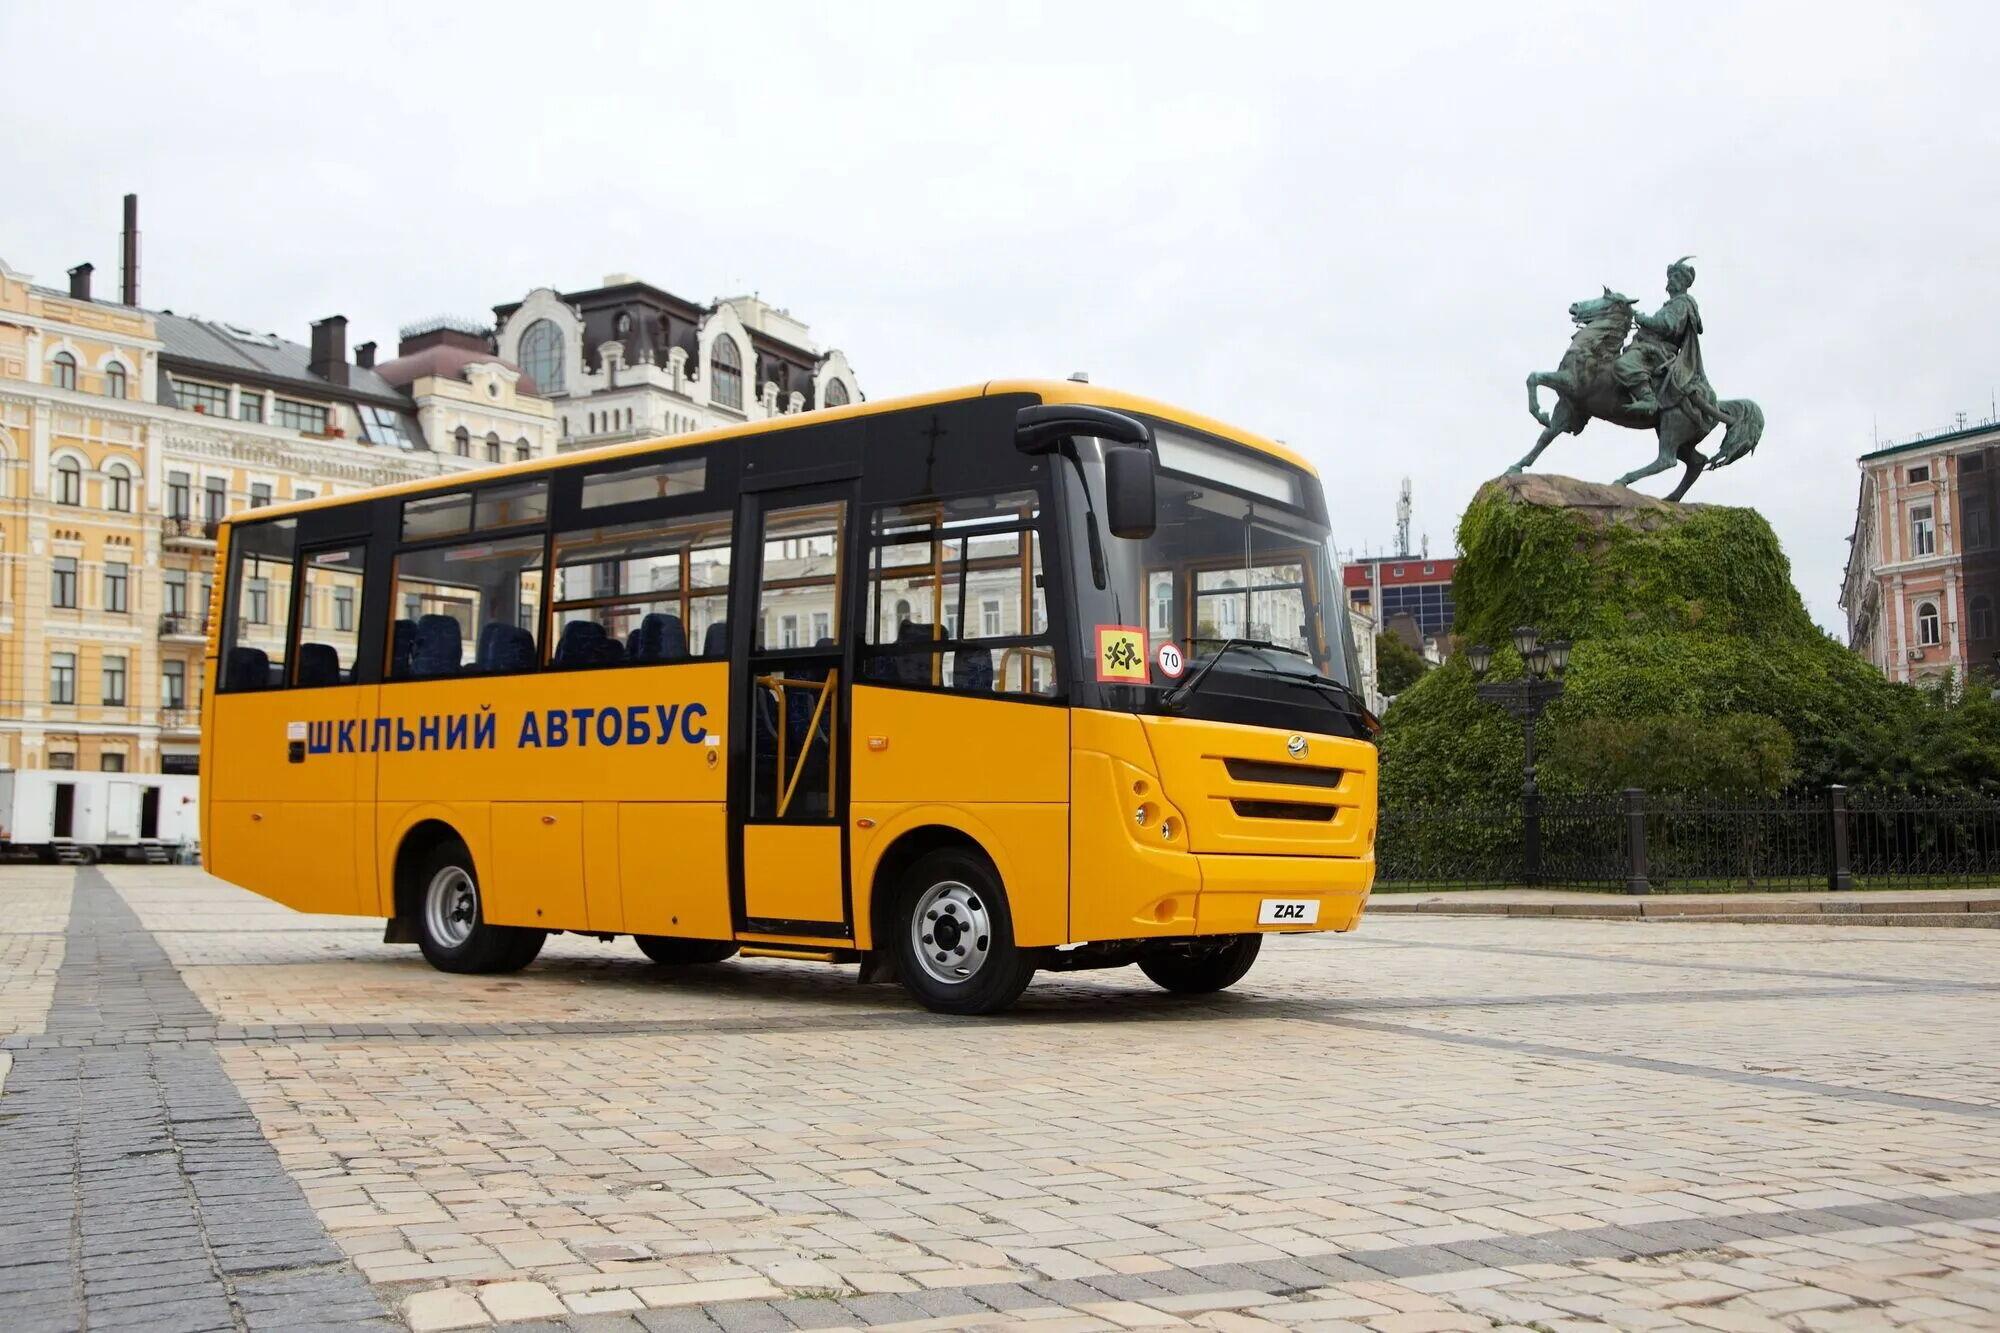 Цього року ЗАЗ планує виготовити 160 автобусів, зокрема і 75 екземплярів моделі А08 для перевезення школярів